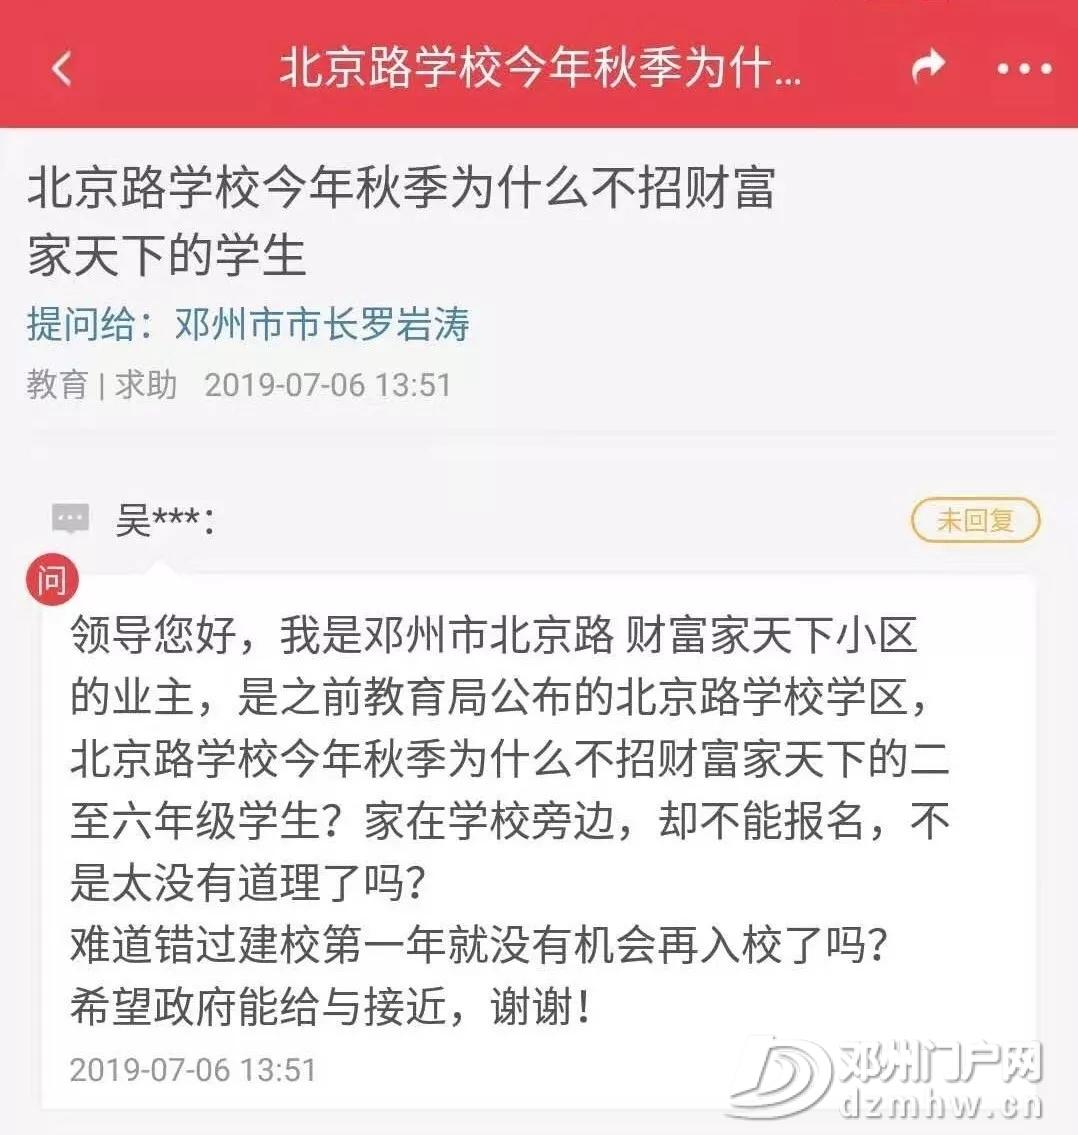 在邓州买了学区房,结果孩子却不能在附近学校上学,怨谁? - 邓州门户网|邓州网 - 640.webp3_WPS图片.jpg